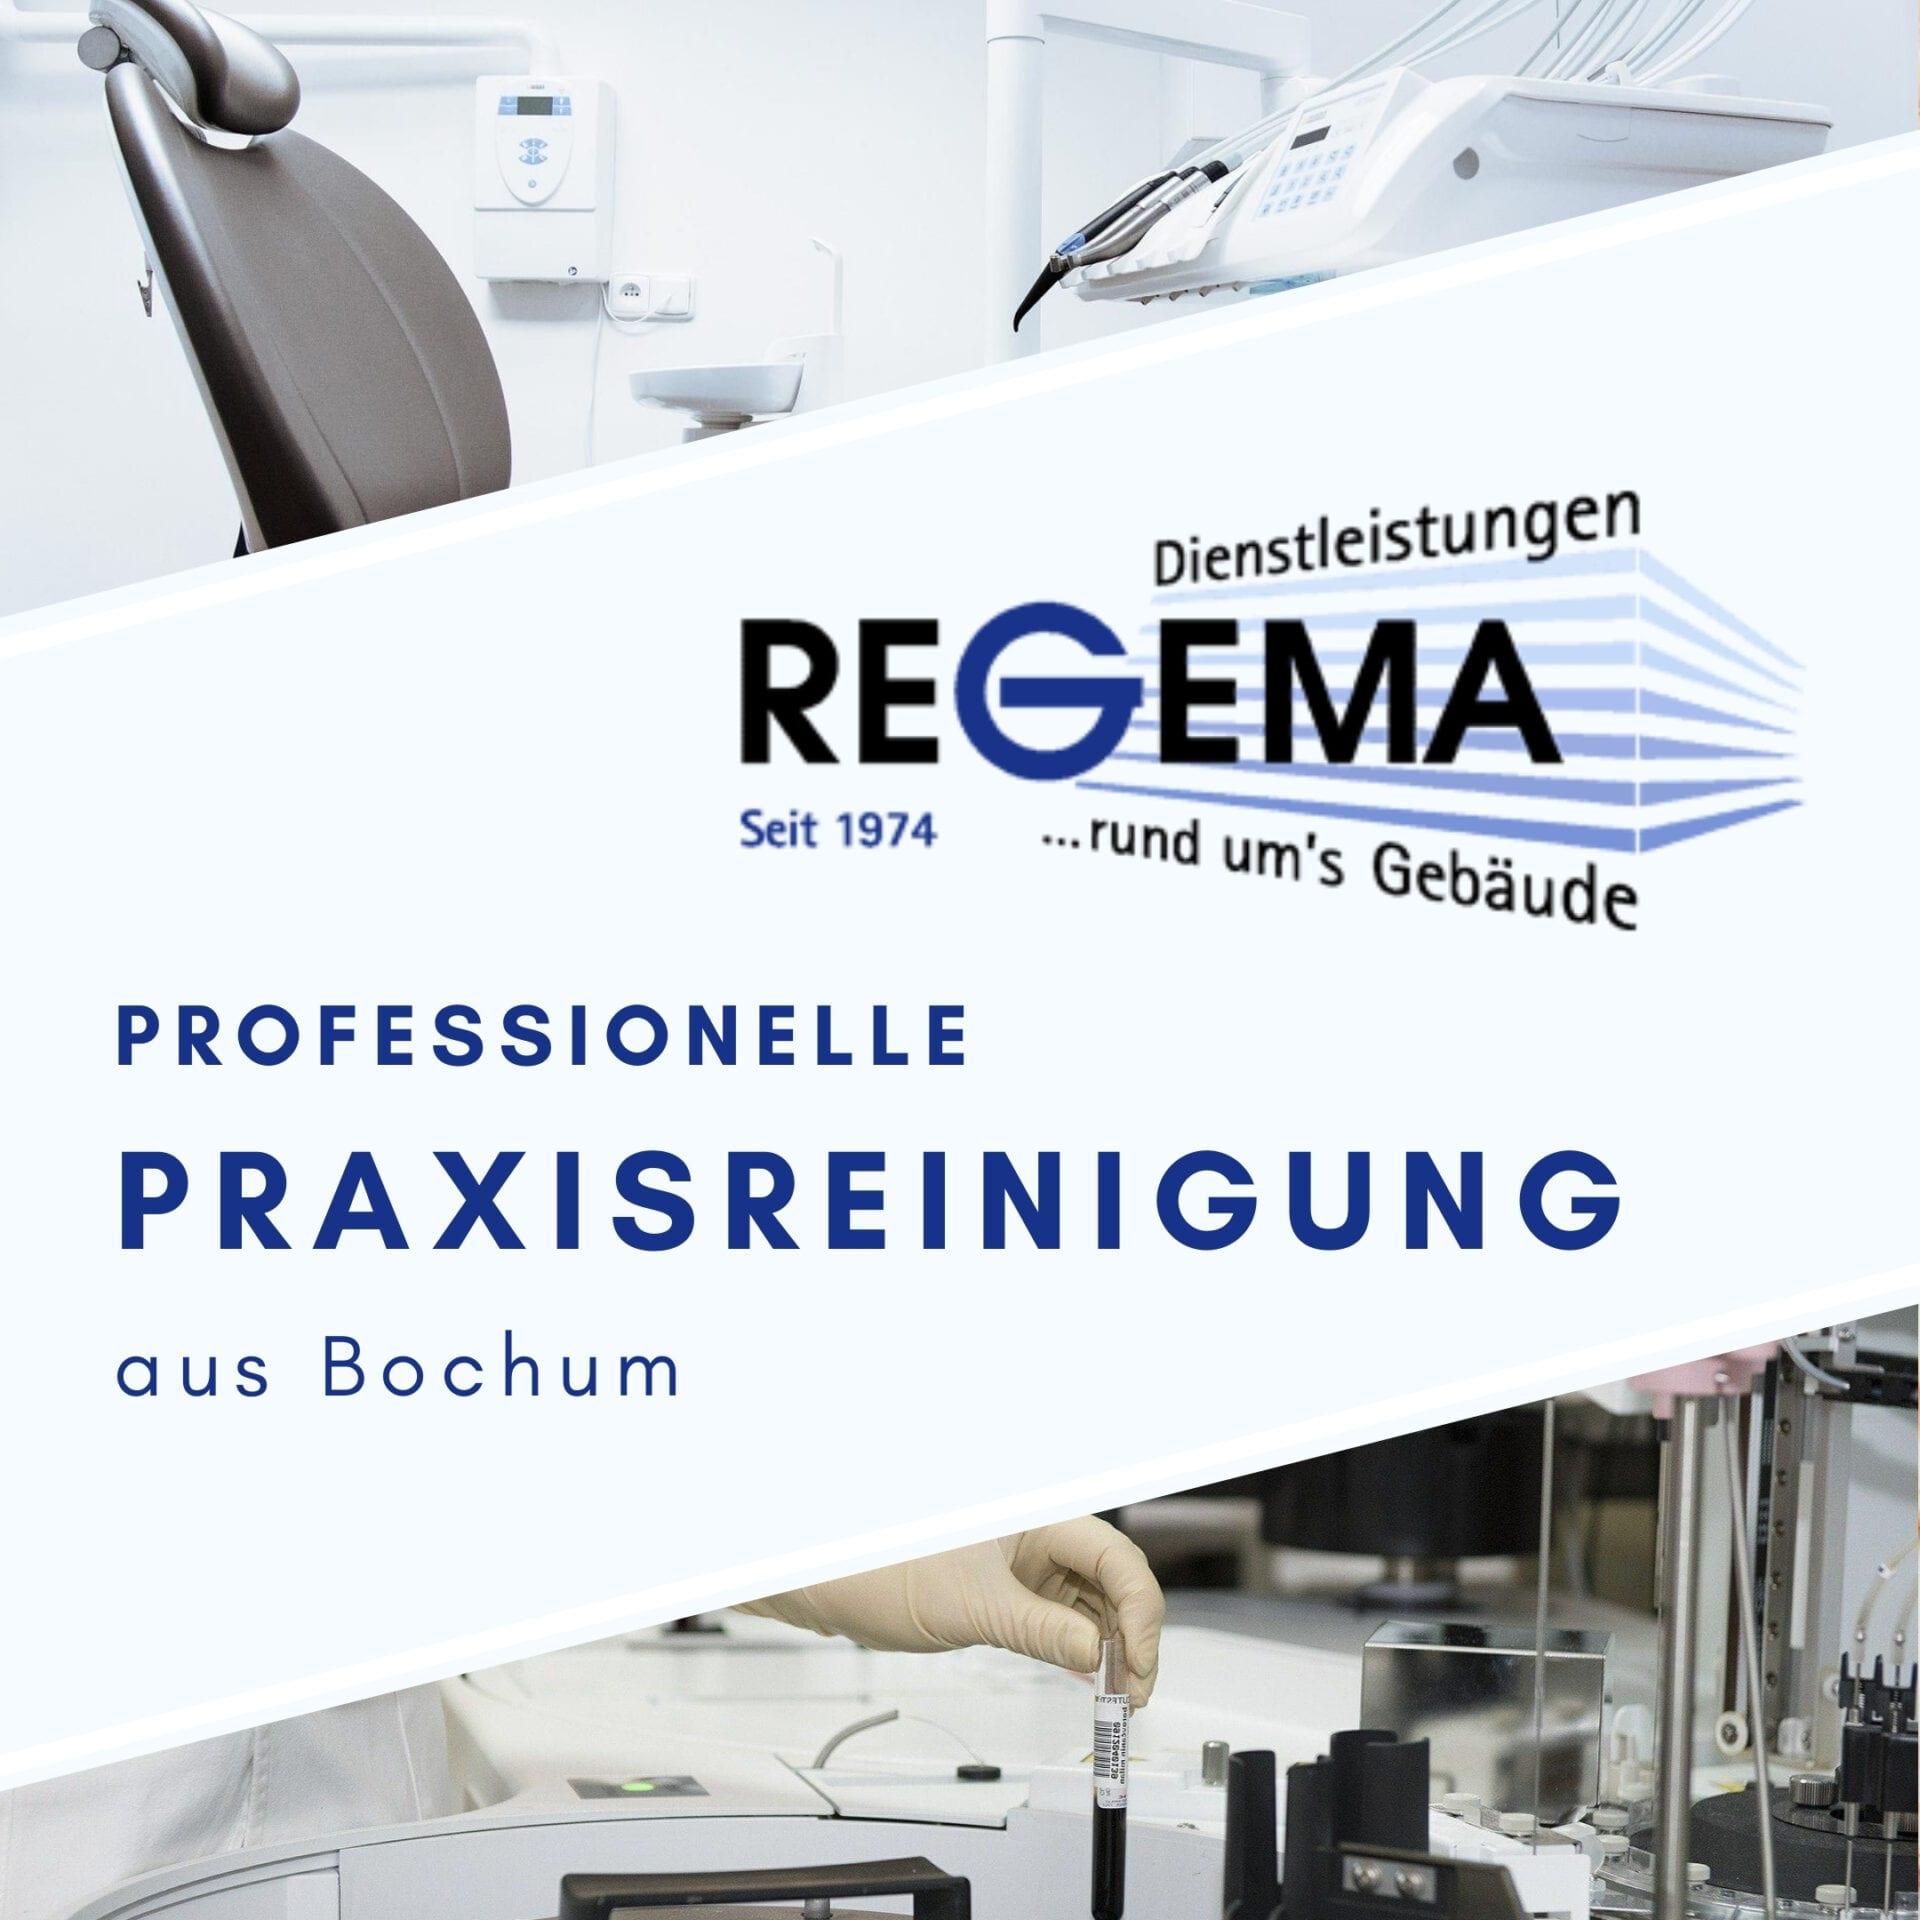 Praxisreinigung der Regema GmbH